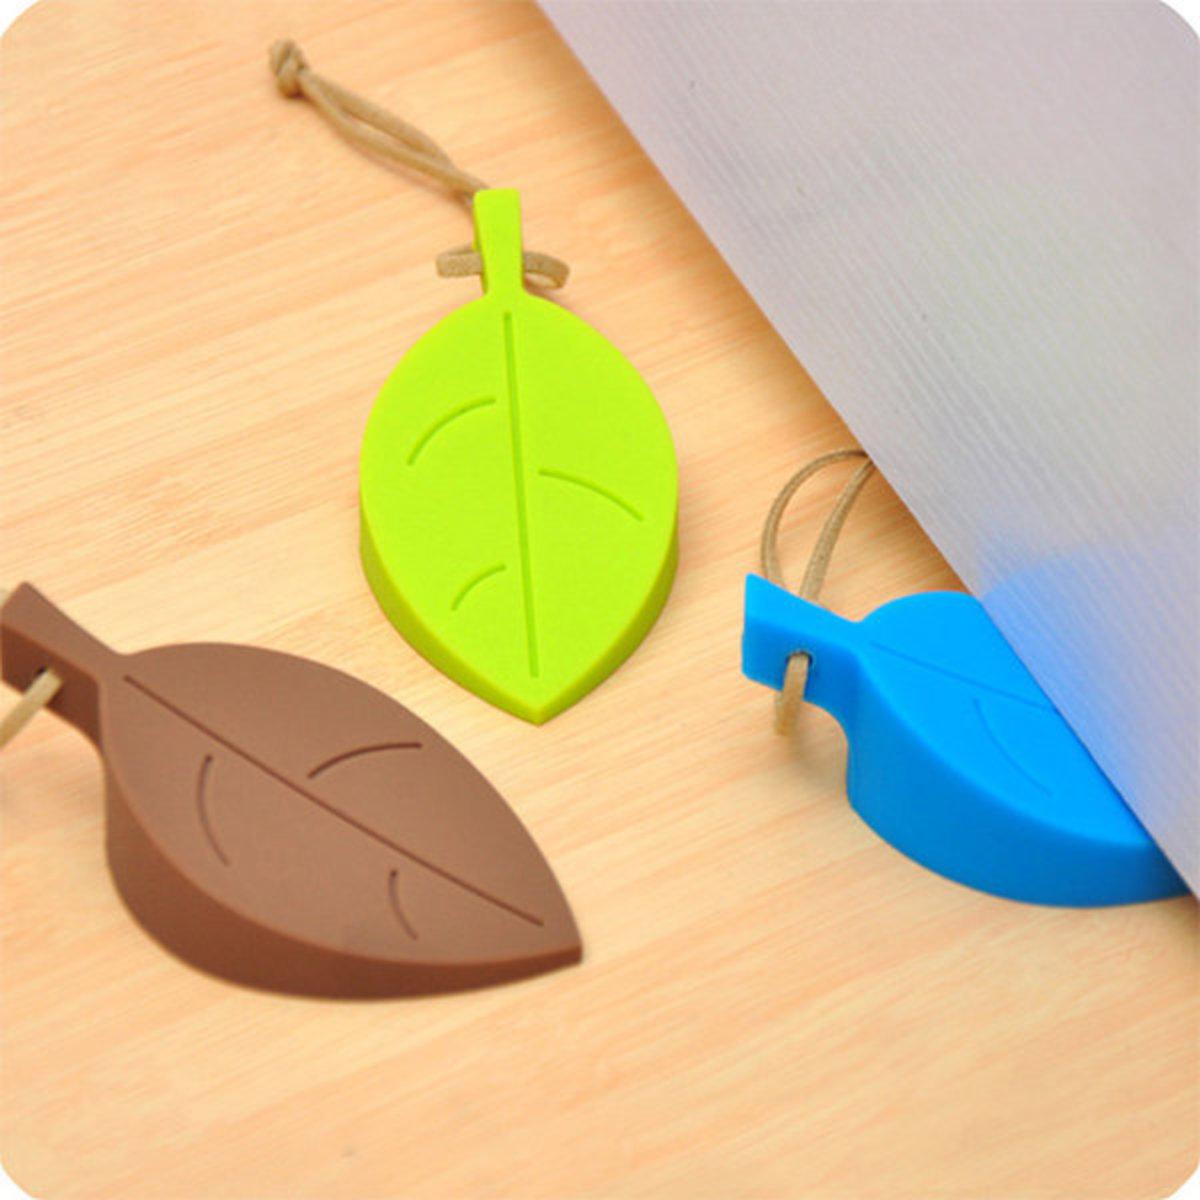 創意樹葉矽膠門擋兒童防夾手安全門卡